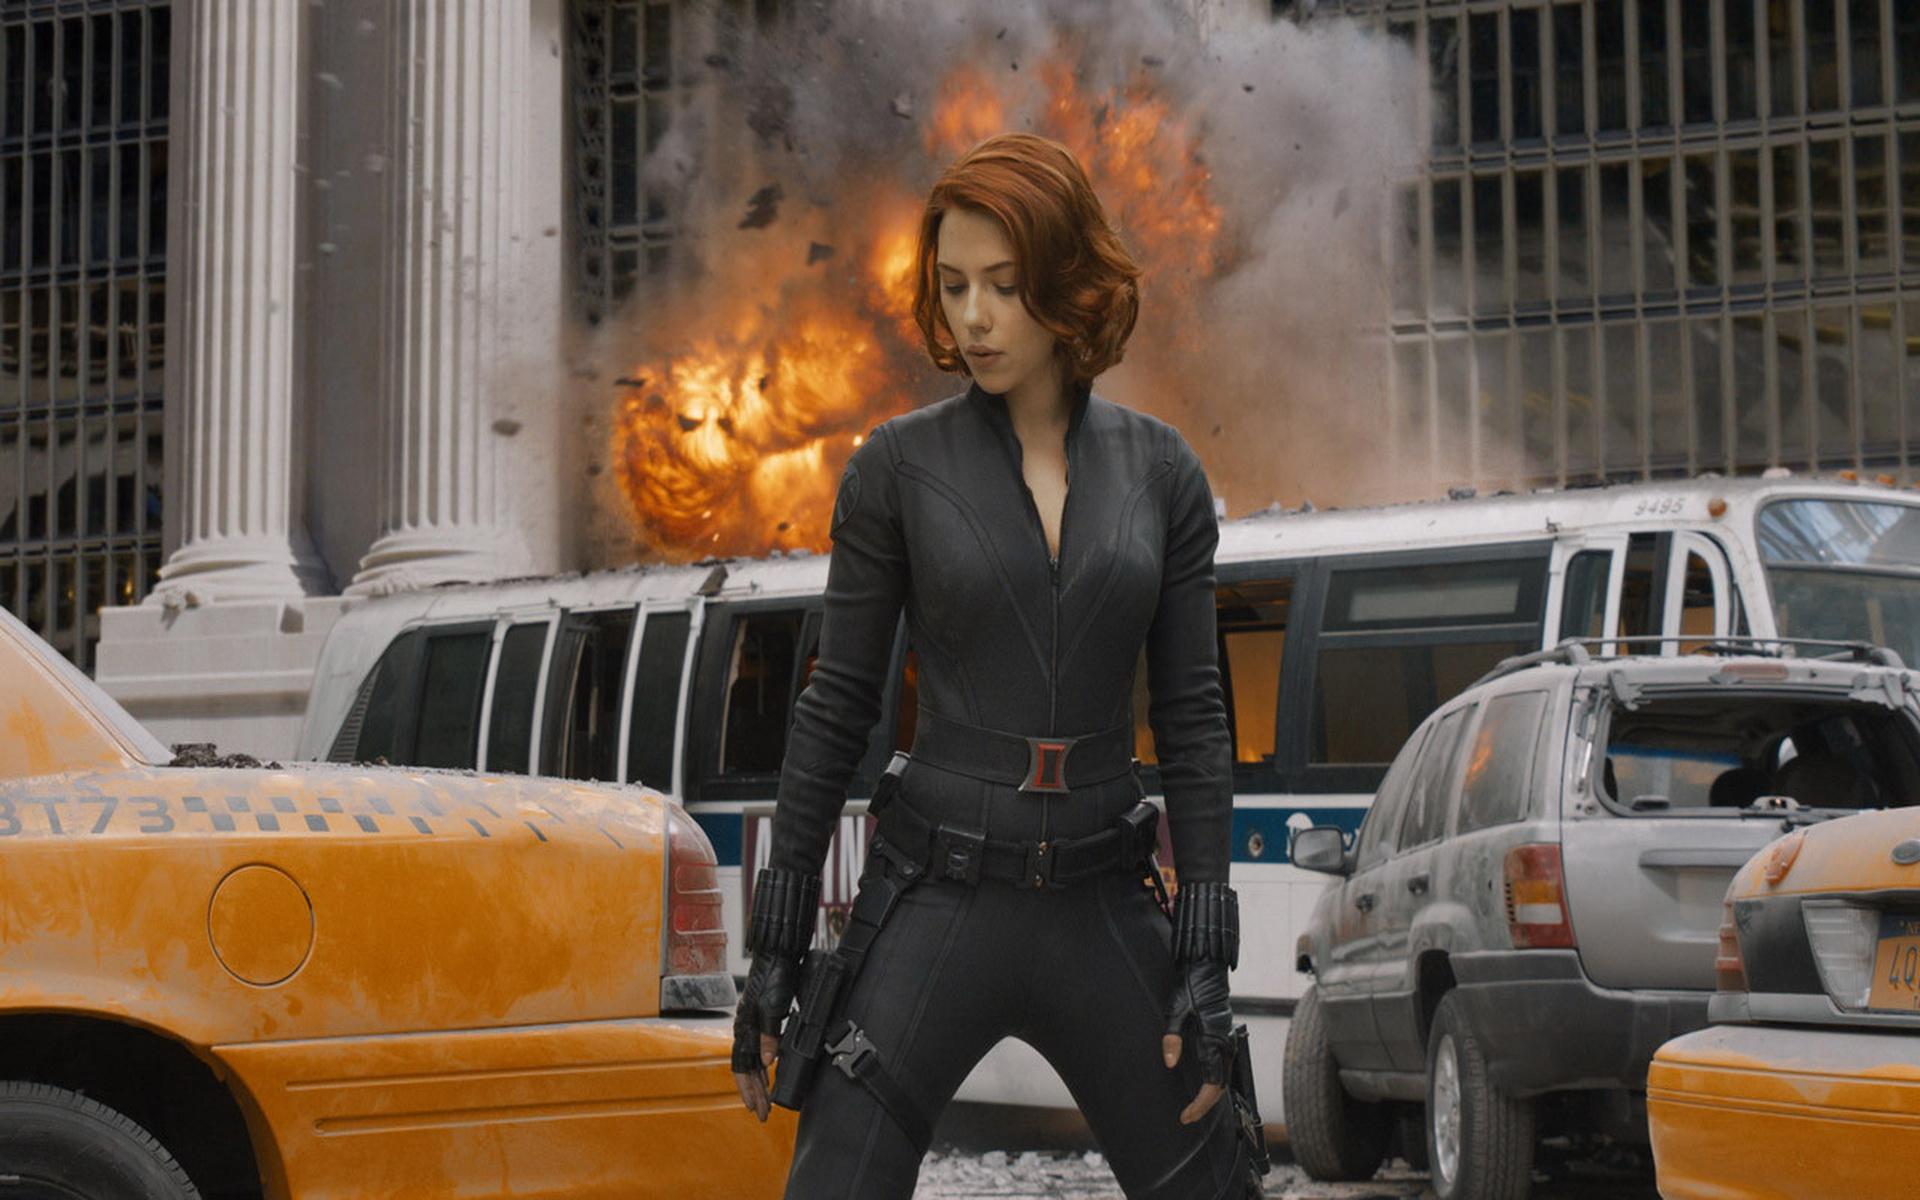 Black Widow Scarlett Johansson Avengers Hd Wallpaper